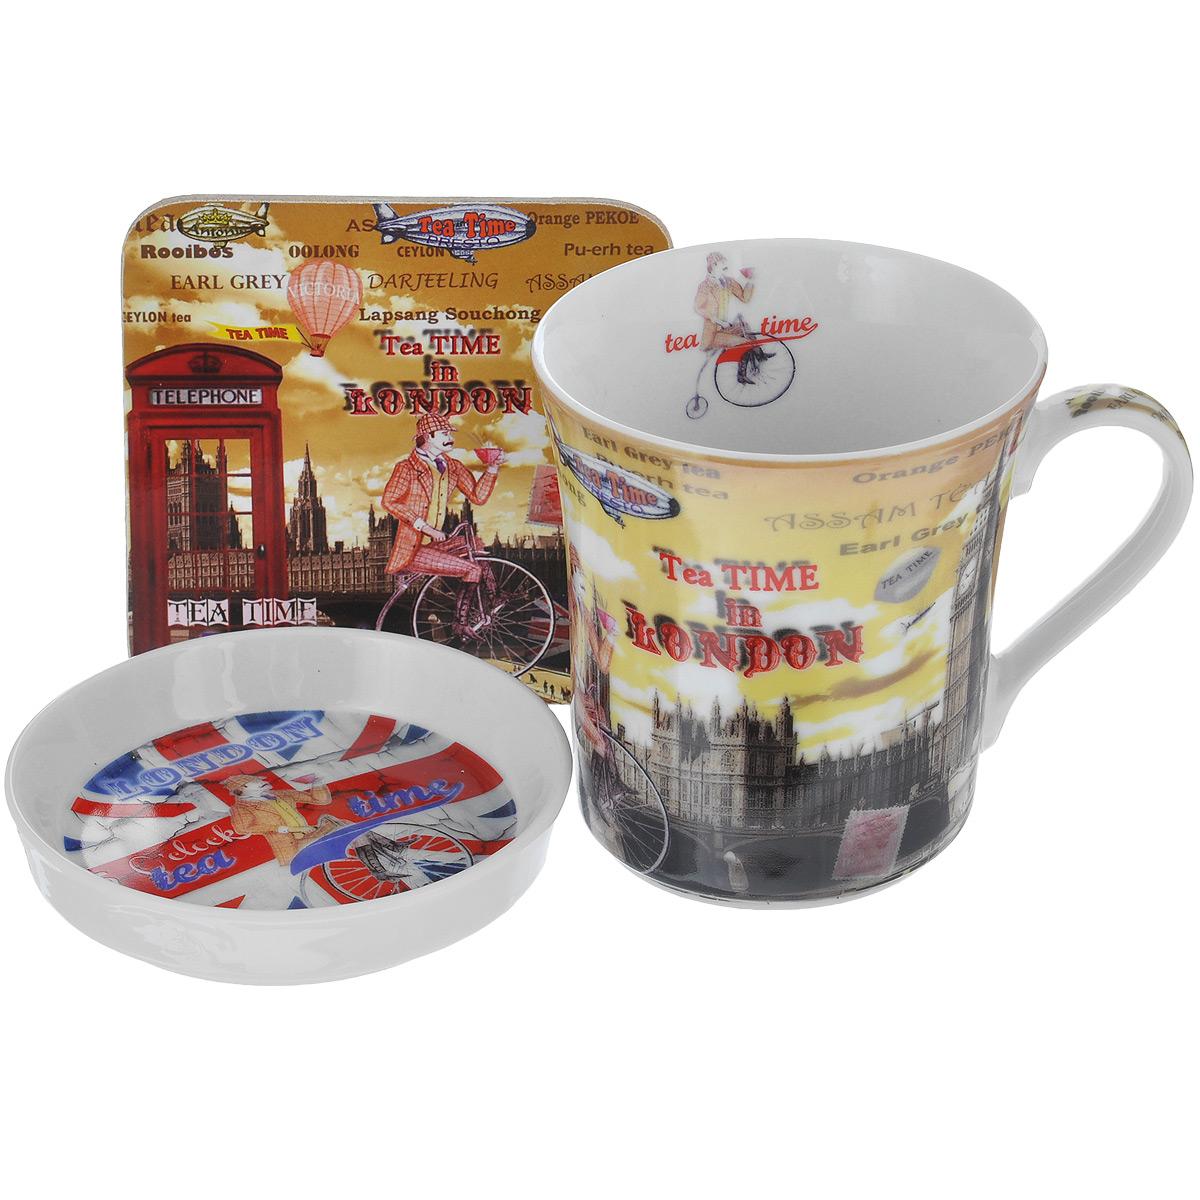 Набор чайный GiftLand Пора пить чай, 3 предметаRB-0857NC-teatimeЧайный набор GiftLand Пора пить чай состоит из фарфоровых кружки и блюдца и подставки под кружку, изготовленной из пробки. Блюдце можно использовать и как крышку для кружки, чтобы ваши напитки дольше оставались горячими. Предметы набора декорированы изображением Лондона. Яркий и стильный чайный набор прекрасно впишется в интерьер вашей кухни и создаст хорошее настроение во время чаепития. Набор упакован в подарочную коробку в виде лондонской телефонной будки. Кружку и блюдце можно мыть в посудомоечной машине и использовать в микроволновой печи. Объем кружки: 300 мл. Диаметр кружки: 8,5 см. Высота кружки: 9,5 см. Диаметр блюдца: 9,5 см. Высота блюдца: 2 см. Размер подставки: 9 см х 9 см.